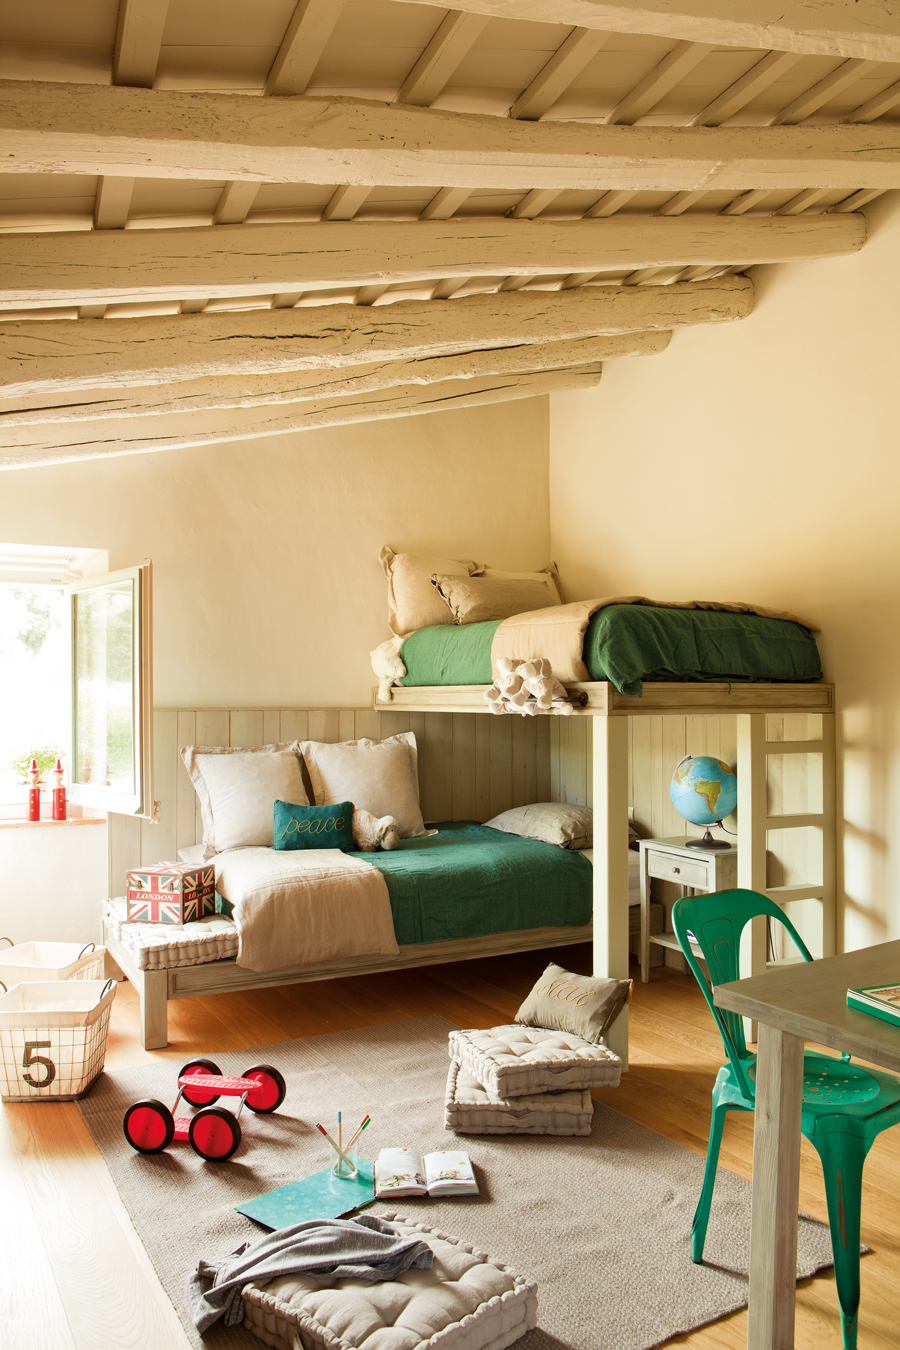 00389951. Habitación infantil con literas y vigas, en color tostado y ropa de cama verde. Silla verde, escritorio y alfombra 00389951